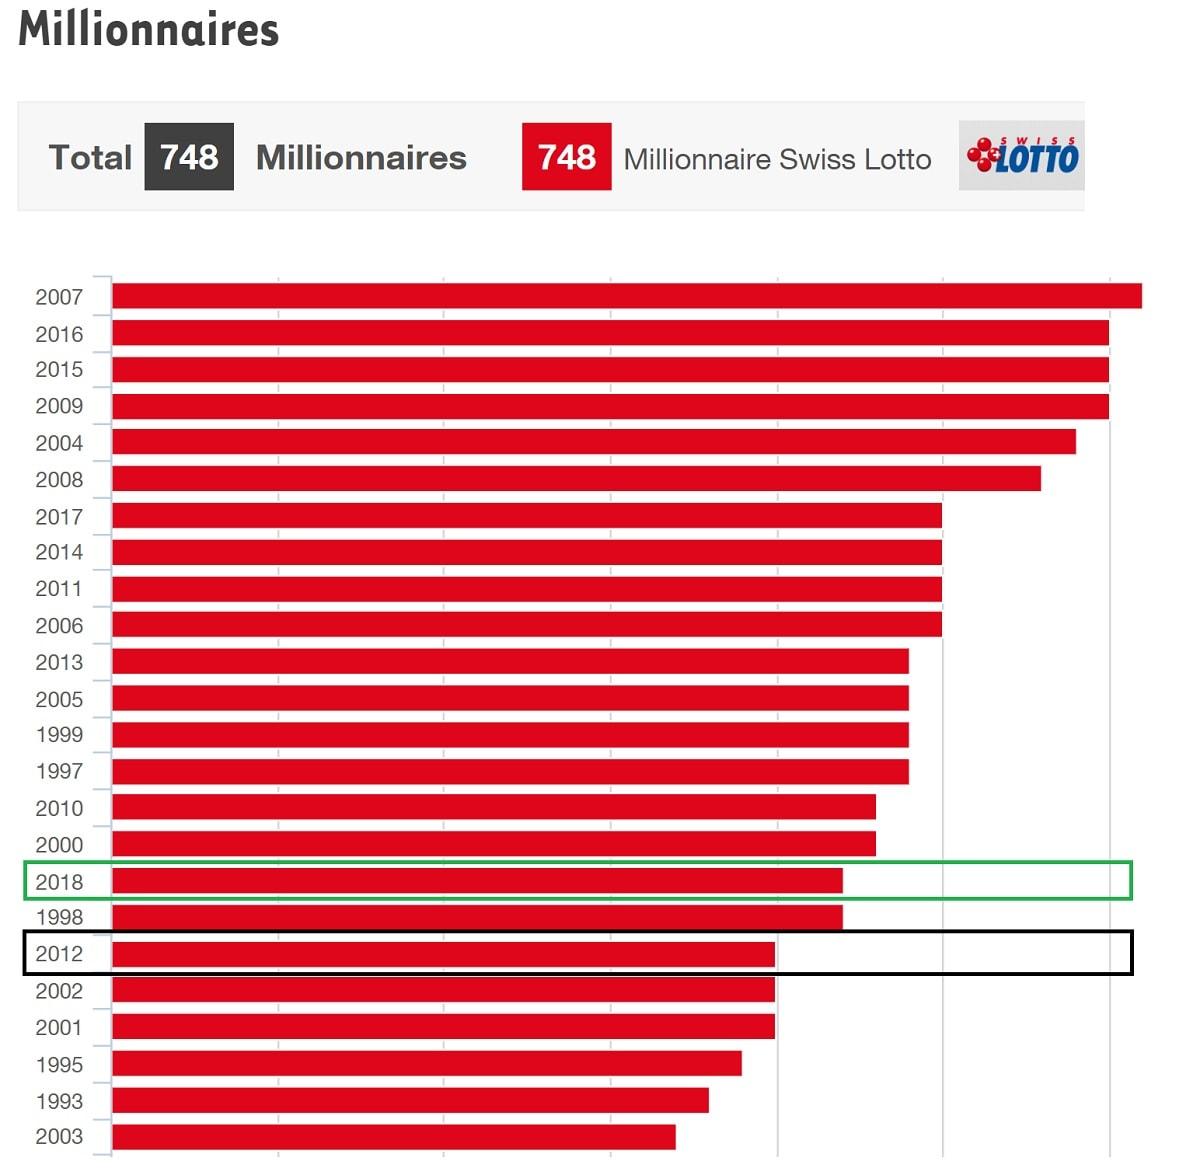 Nombre de millionnaires Swiss Loto par année